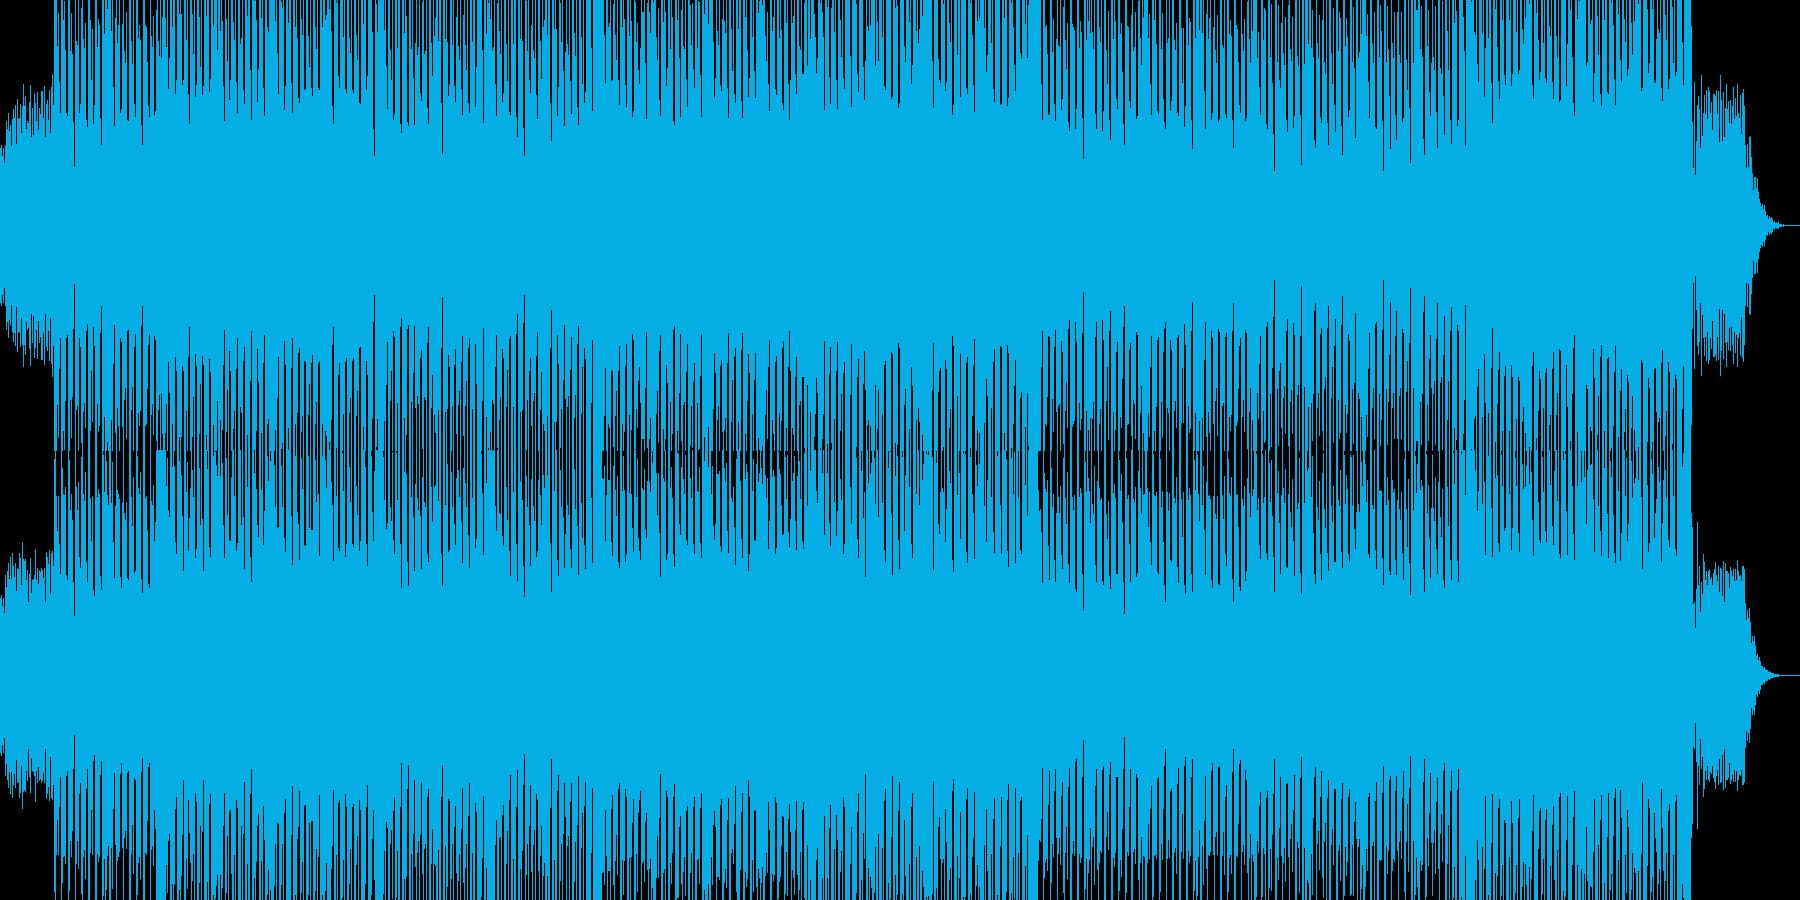 ノリノリのテクノダンスミュージックの再生済みの波形